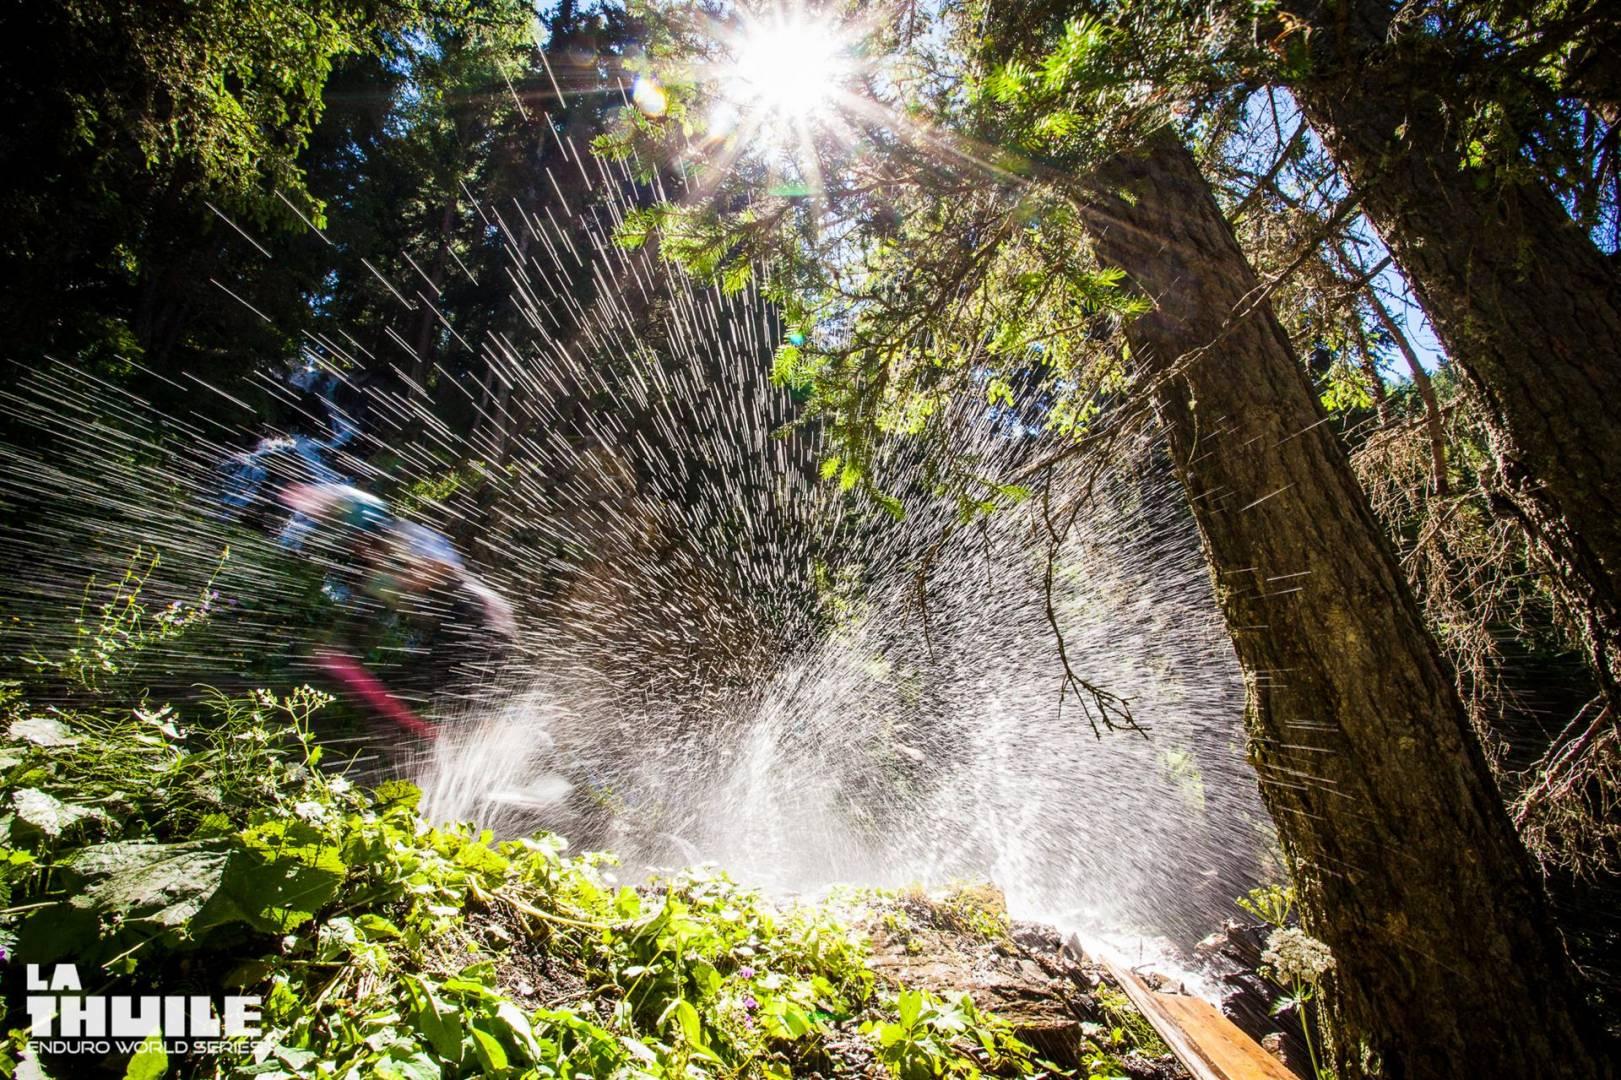 Comunicazione Chiusura Percorsi del Bike Park di la Thuile